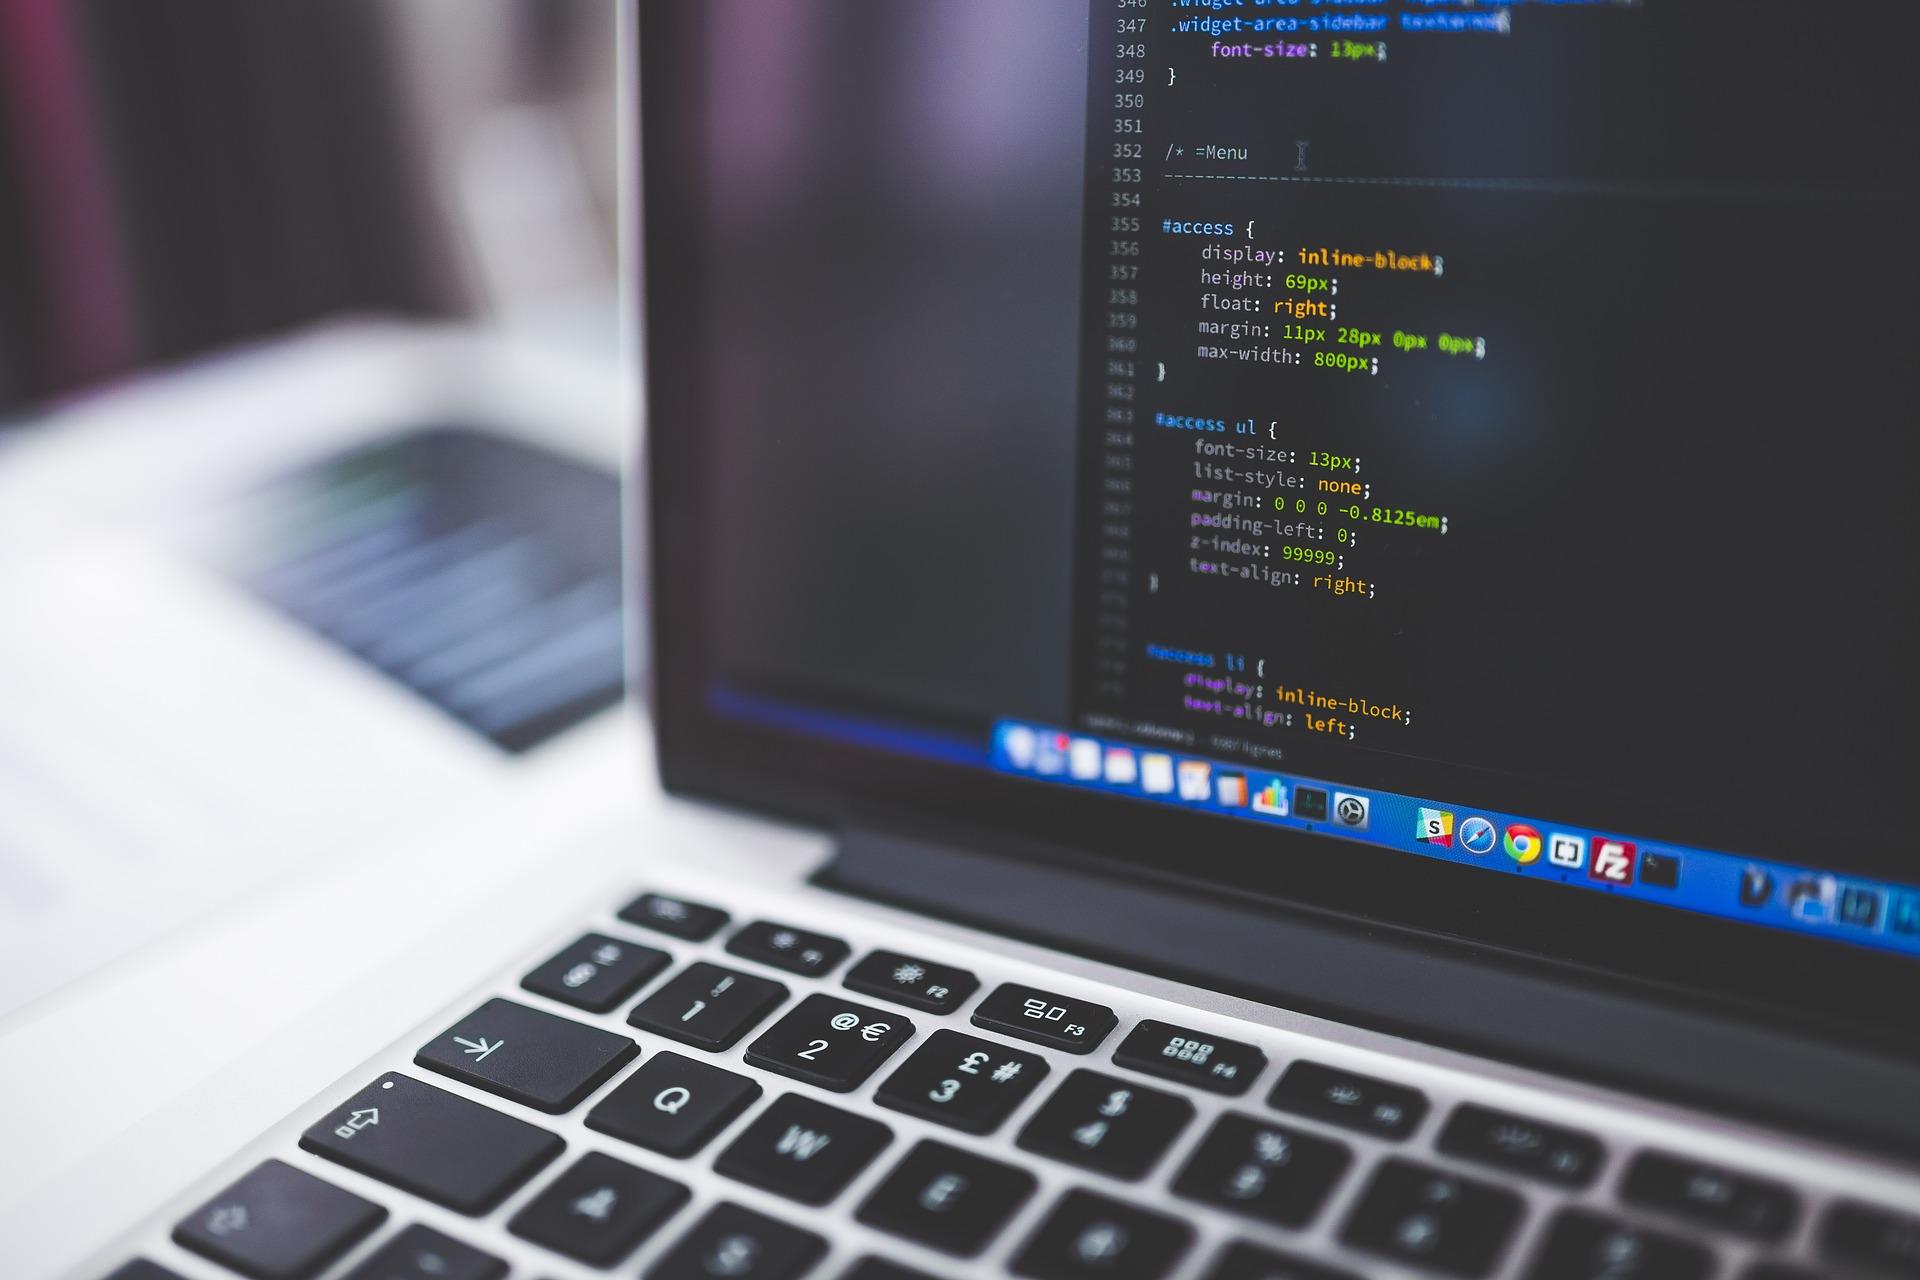 <h2><strong>1. Lenguajes de programación</strong></h2><ul><li><strong>HTML5.<span></span></strong>El diseño web no se puede entender sin HTML5. Es verdad que no es un lenguaje de programación, pero sigue siendo una pieza básica para estructurar y presentar los contenidos de una página web. Gracias al HTLM 5 los navegadores como Firefox, Chrome, Explorer, Safari y otros son capaces de mostrar una web, identificar dónde están sus elementos, dónde se deben colocar las imágenes y situar el texto… todo. Así que si tienes previsto embarcarte en el mundo del desarrollo web, empieza a familiarizarte con las etiquetas<span></span><strong>article, header y footer, embed, canvas, section</strong><span></span>y muchas más porque te permitirán diseñar páginas increíbles.</li><li><strong>Javascript</strong>. Los contenidos interactivos y dinámicos tienen nombre propio. Hoy en día no hay página web con un mínimo de calidad que no incluya elementos atractivos, ágiles y movibles, y las ventajas de Javascript se sitúan precisamente ahí, en el front-end. Javascript es seguro, fiable, fácil de usar, compatible con la mayoría de navegadores e integrable en HTML5. Y, sobre todo, es un idioma que entiende todo el mundo: su importancia se basa en su éxito porque lo usa cerca del 80% de los desarrolladores, y el 95% de los sitios web lo llevan incorporado. Por eso hay que dominarlo.</li><li><strong>Python.</strong><span></span>Aunque es un lenguaje veterano, no se puede decir que sea antiguo, todo lo contrario: acumula todas las virtudes de la experiencia y por eso sigue siendo uno de los más deseados. Según una encuesta realizada por la empresa Hackerrank entre miles de desarrolladores, el lenguaje open source Phyton sigue siendo uno de los más interesantes decara al futuro. La programación de Python no solo está orientada a objetos y a aplicaciones de juegos, web o escritorio, sino que es troncal para la informática científica y herramientas como el Big Data. De hecho, es capaz de convert